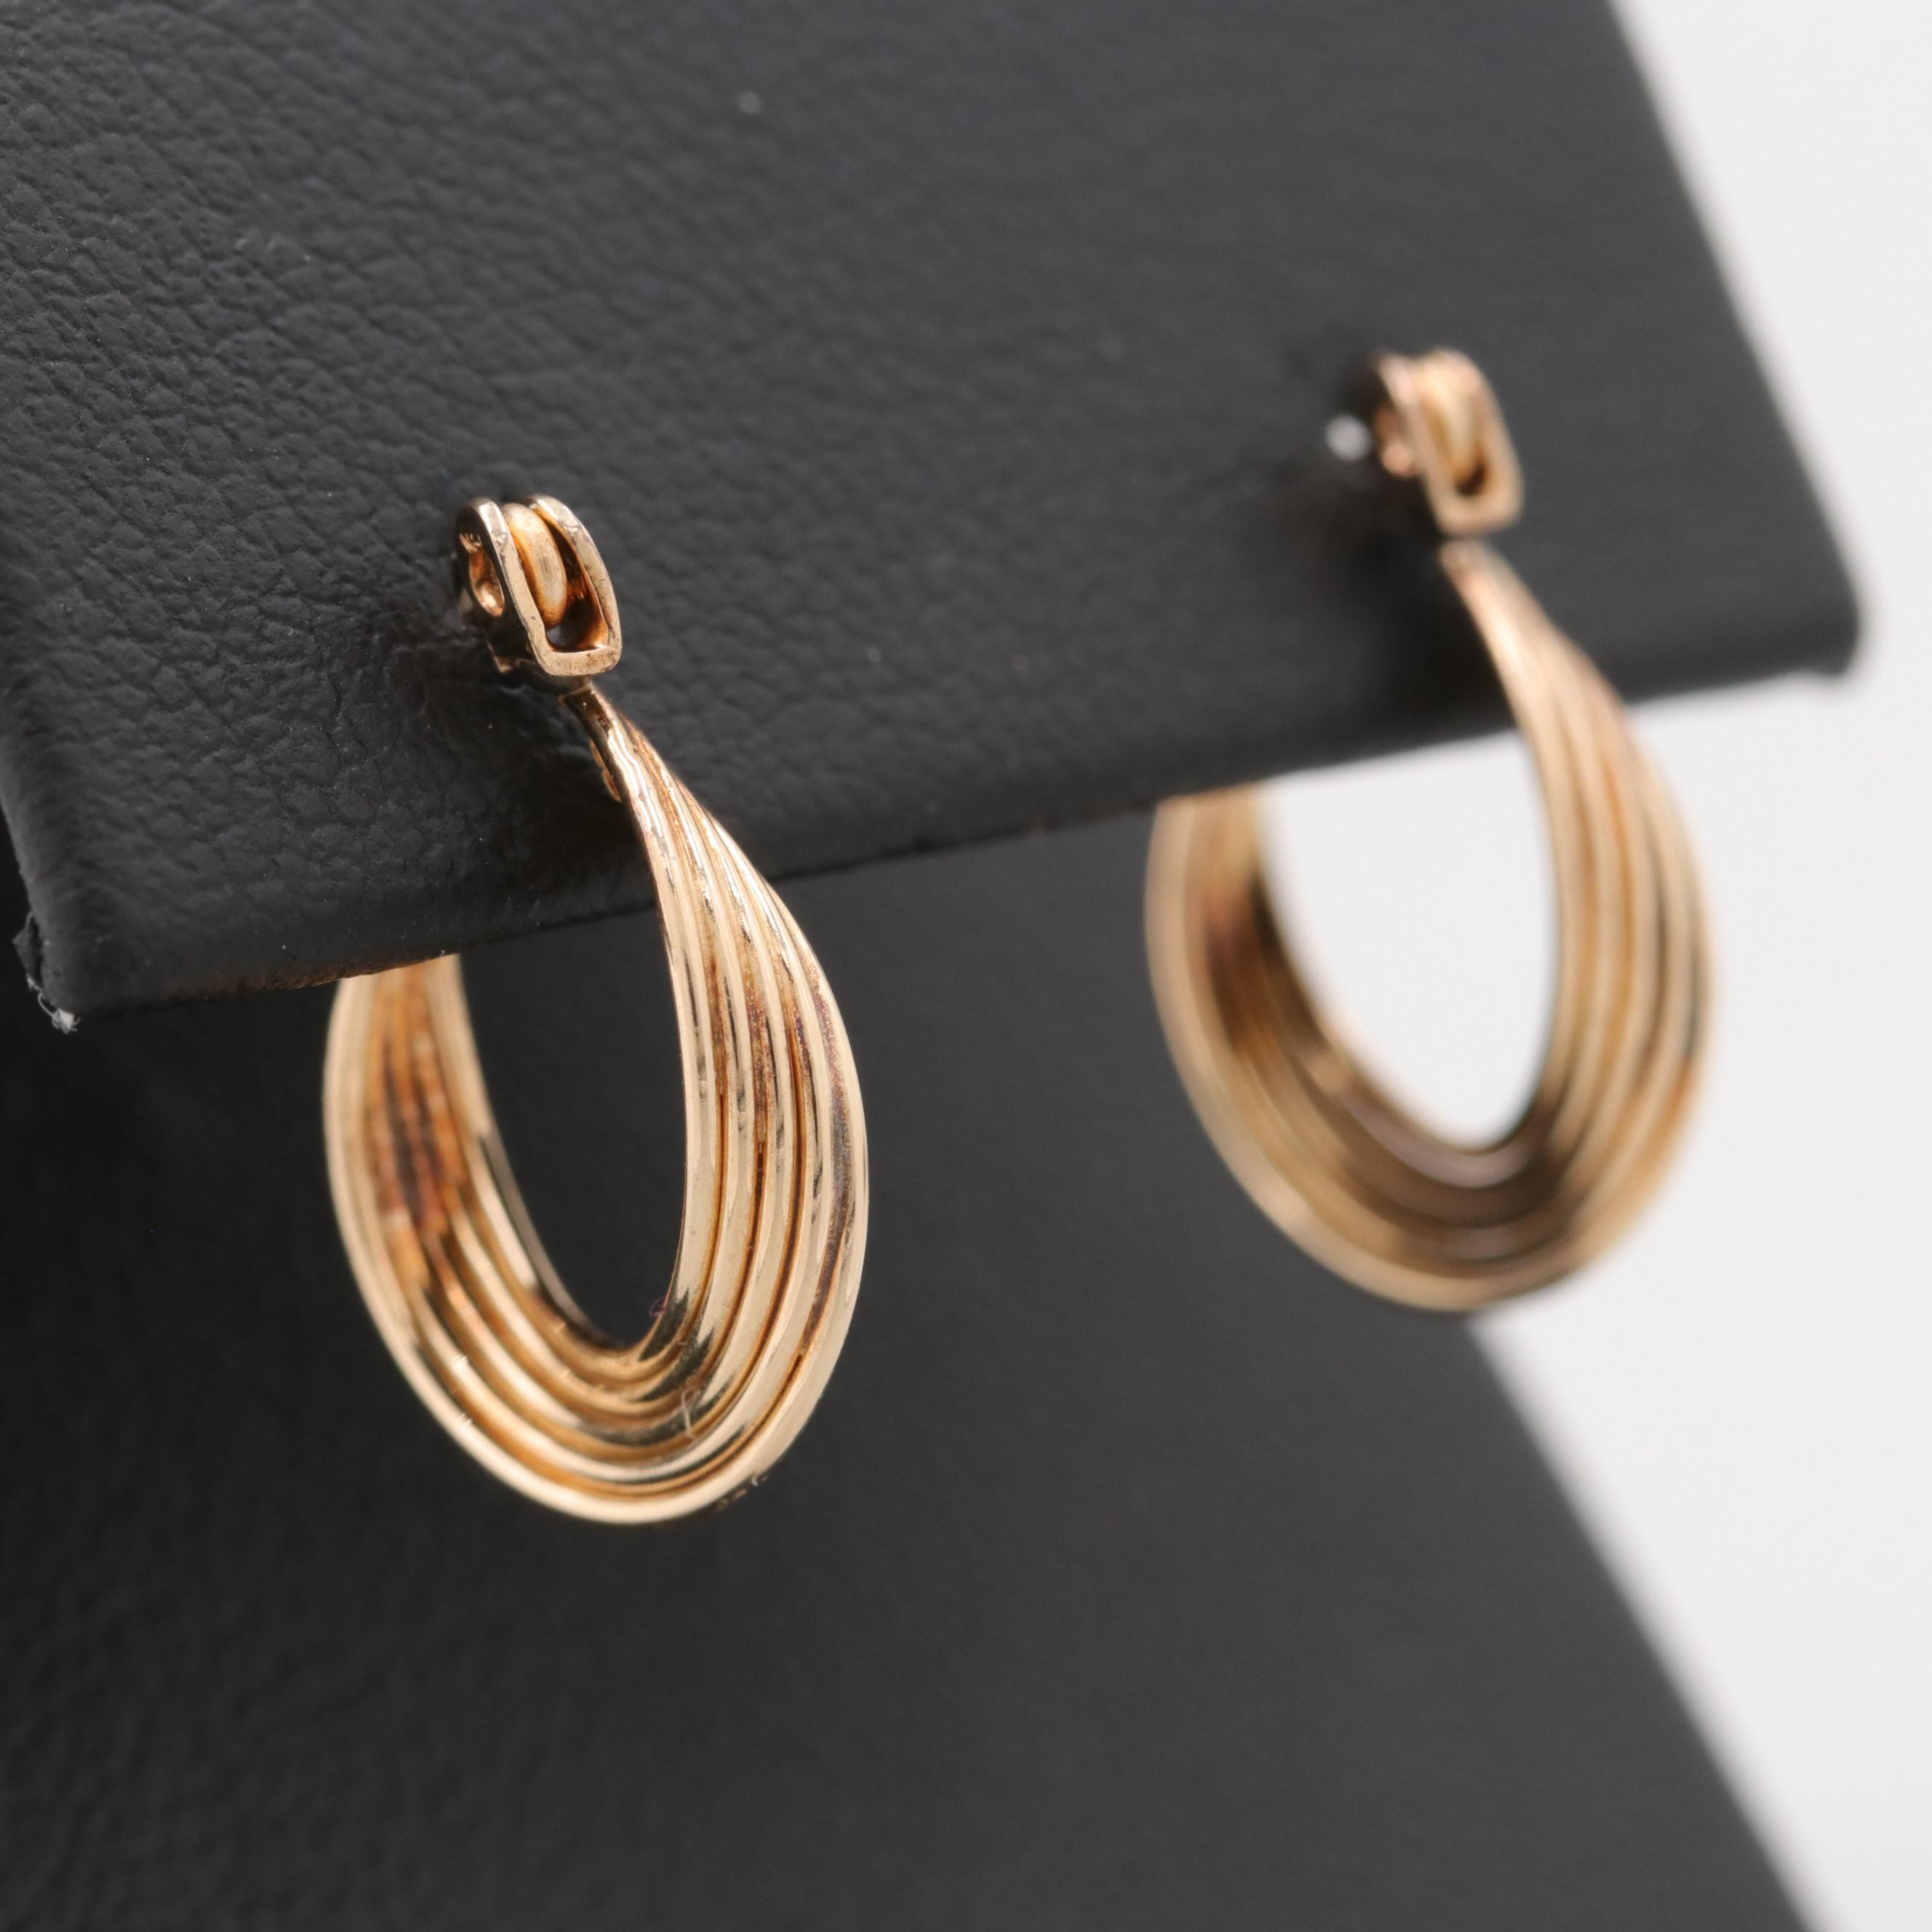 14K Yellow Gold Small Twist Hoop Earrings